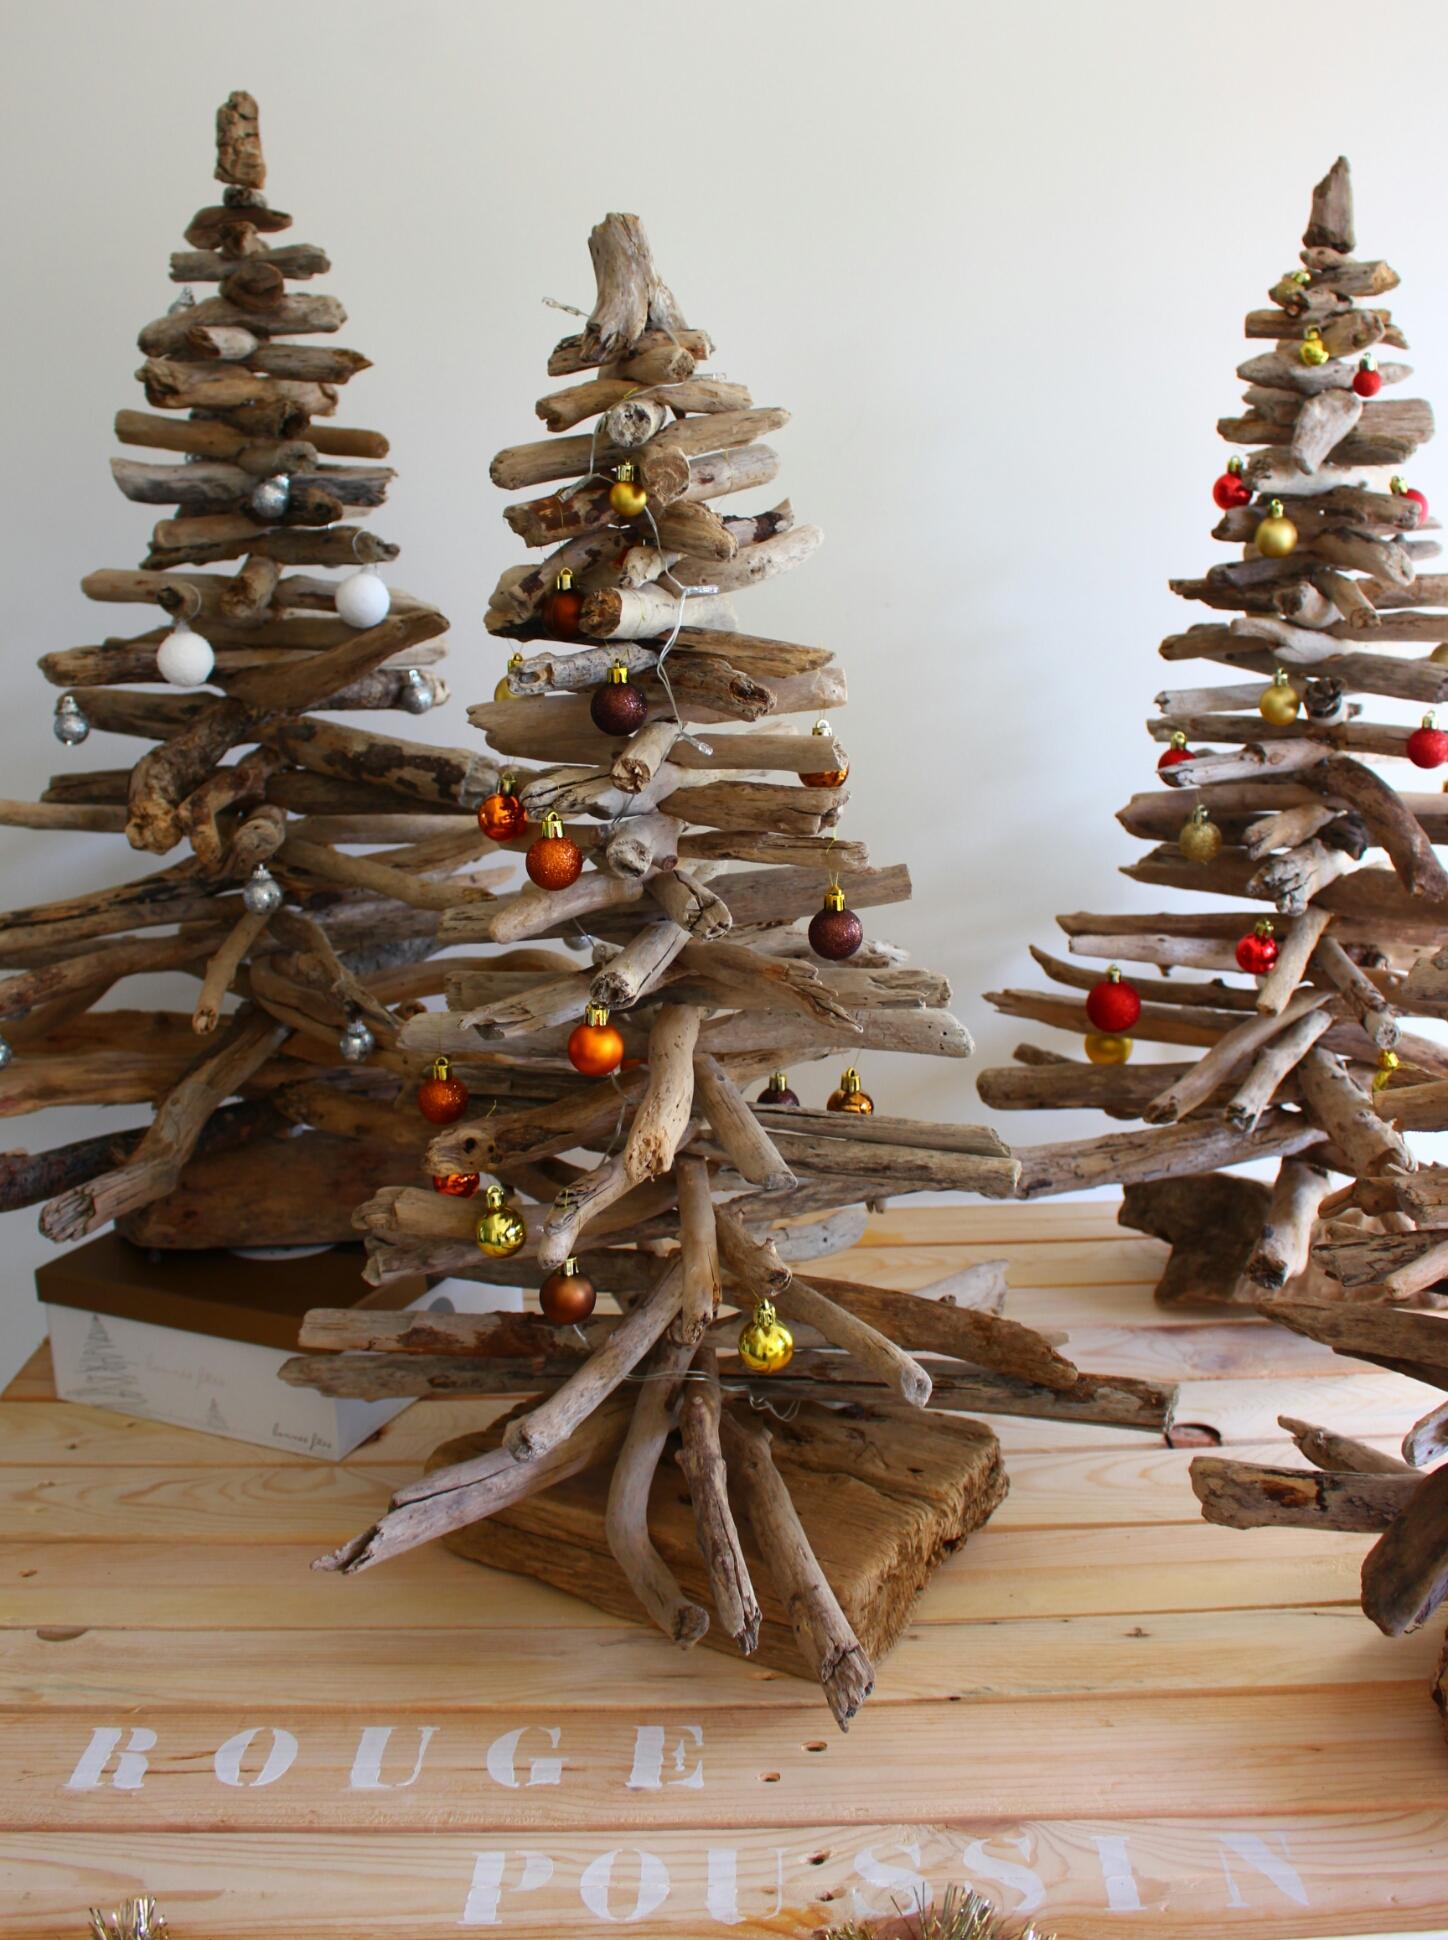 Fabriquer Des Sapins De Noel sapin de noël en bois flotté . . . - rouge poussin